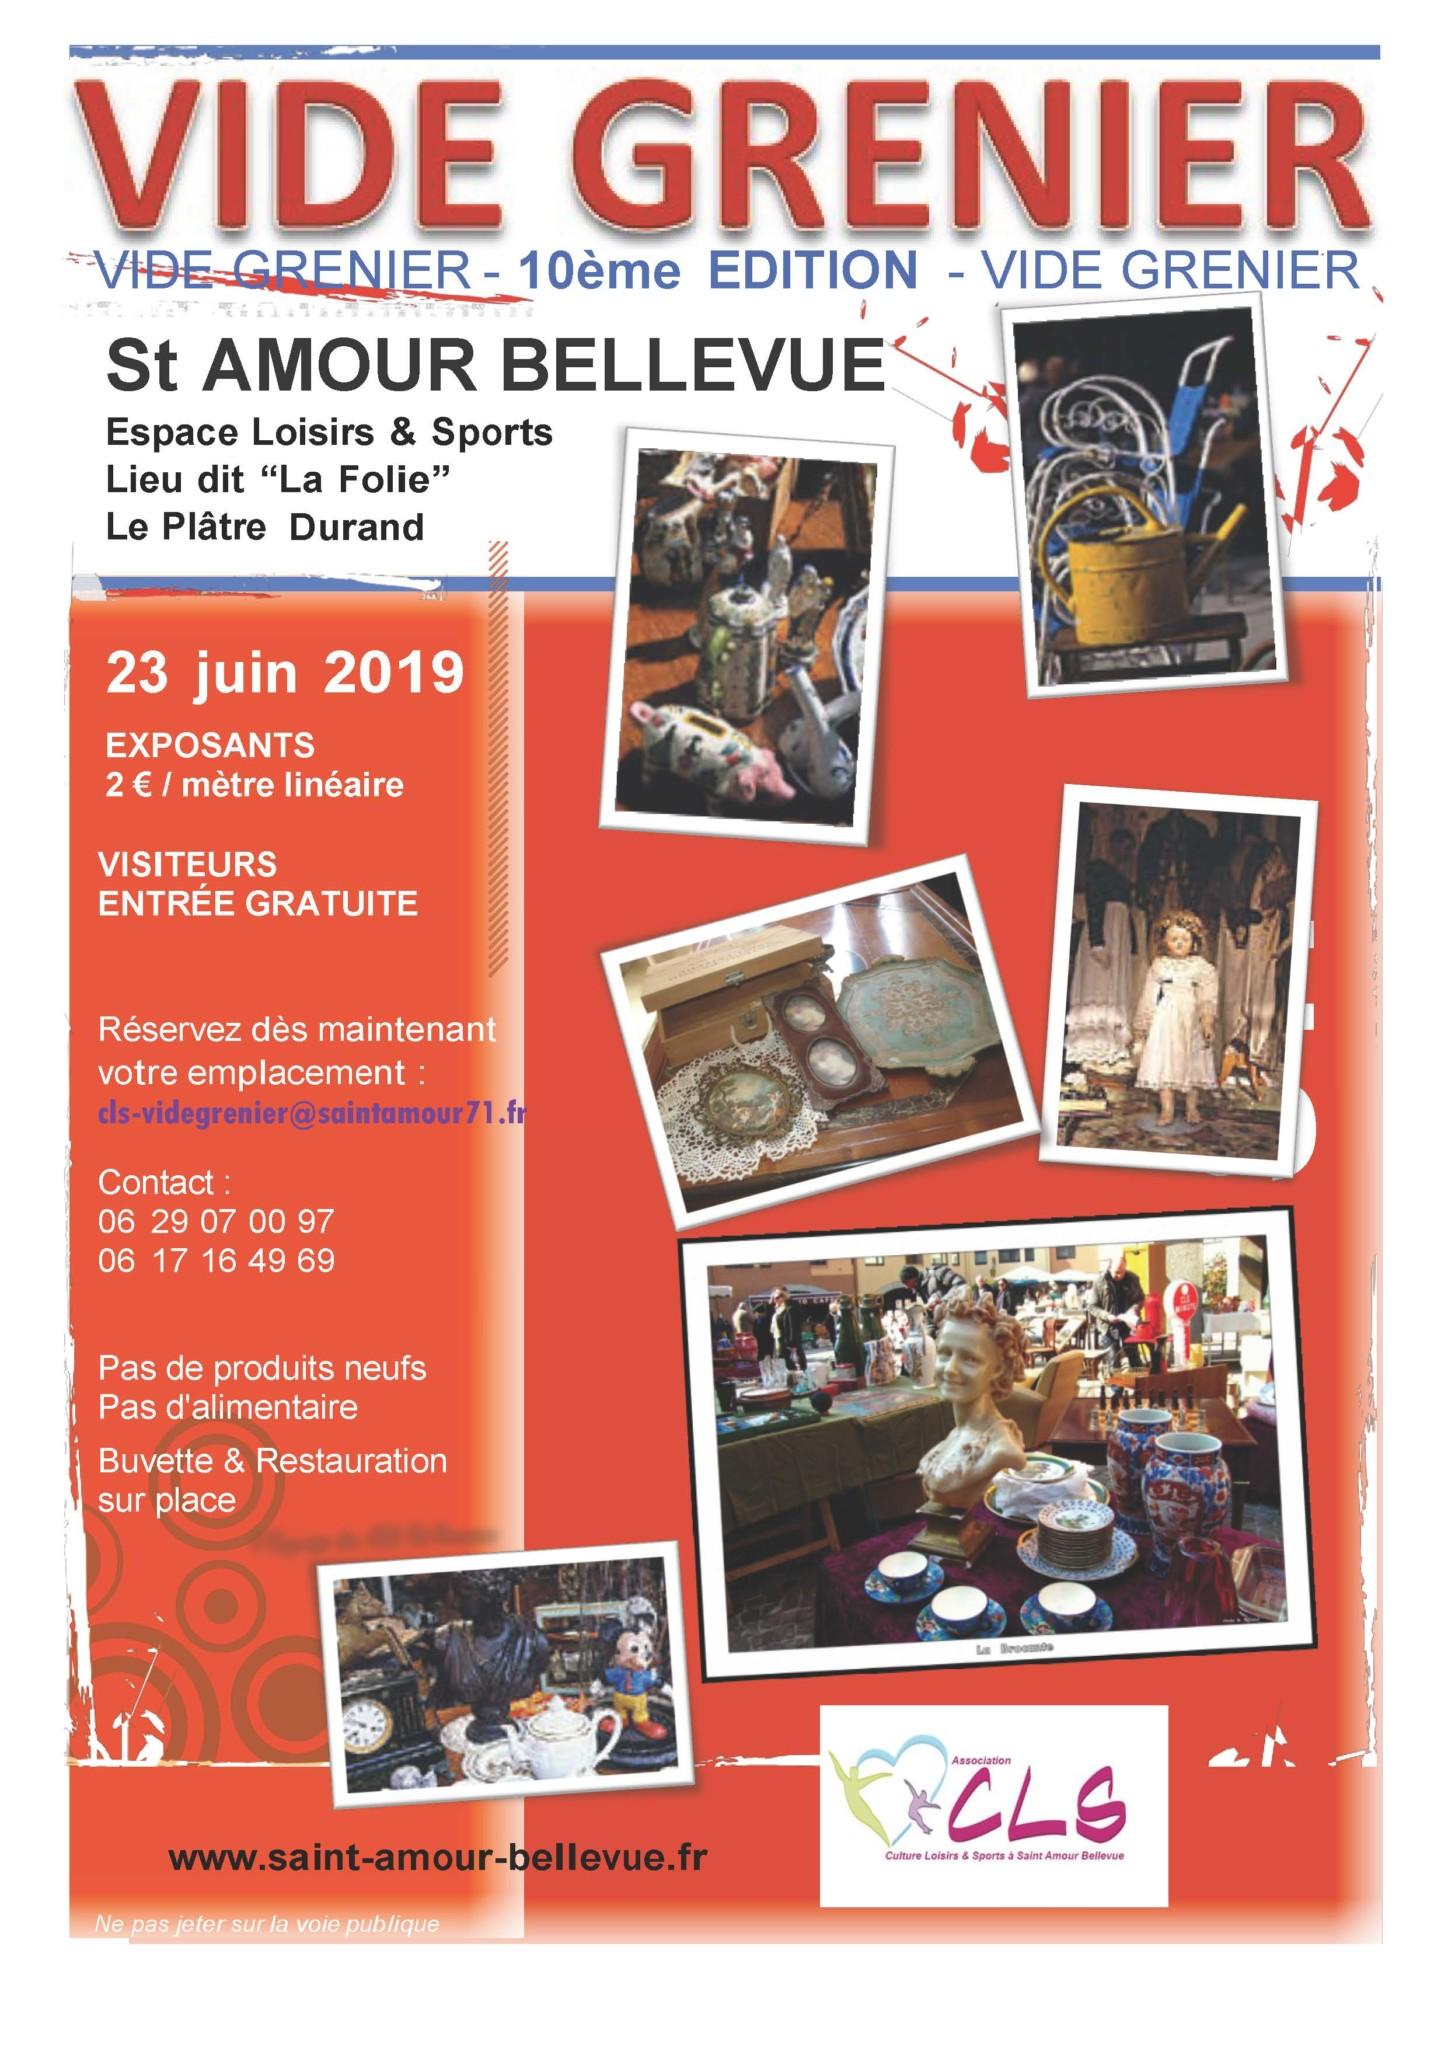 Vide Greniers organisé par CLS association culture , loisirs et sports à Saint- Amour